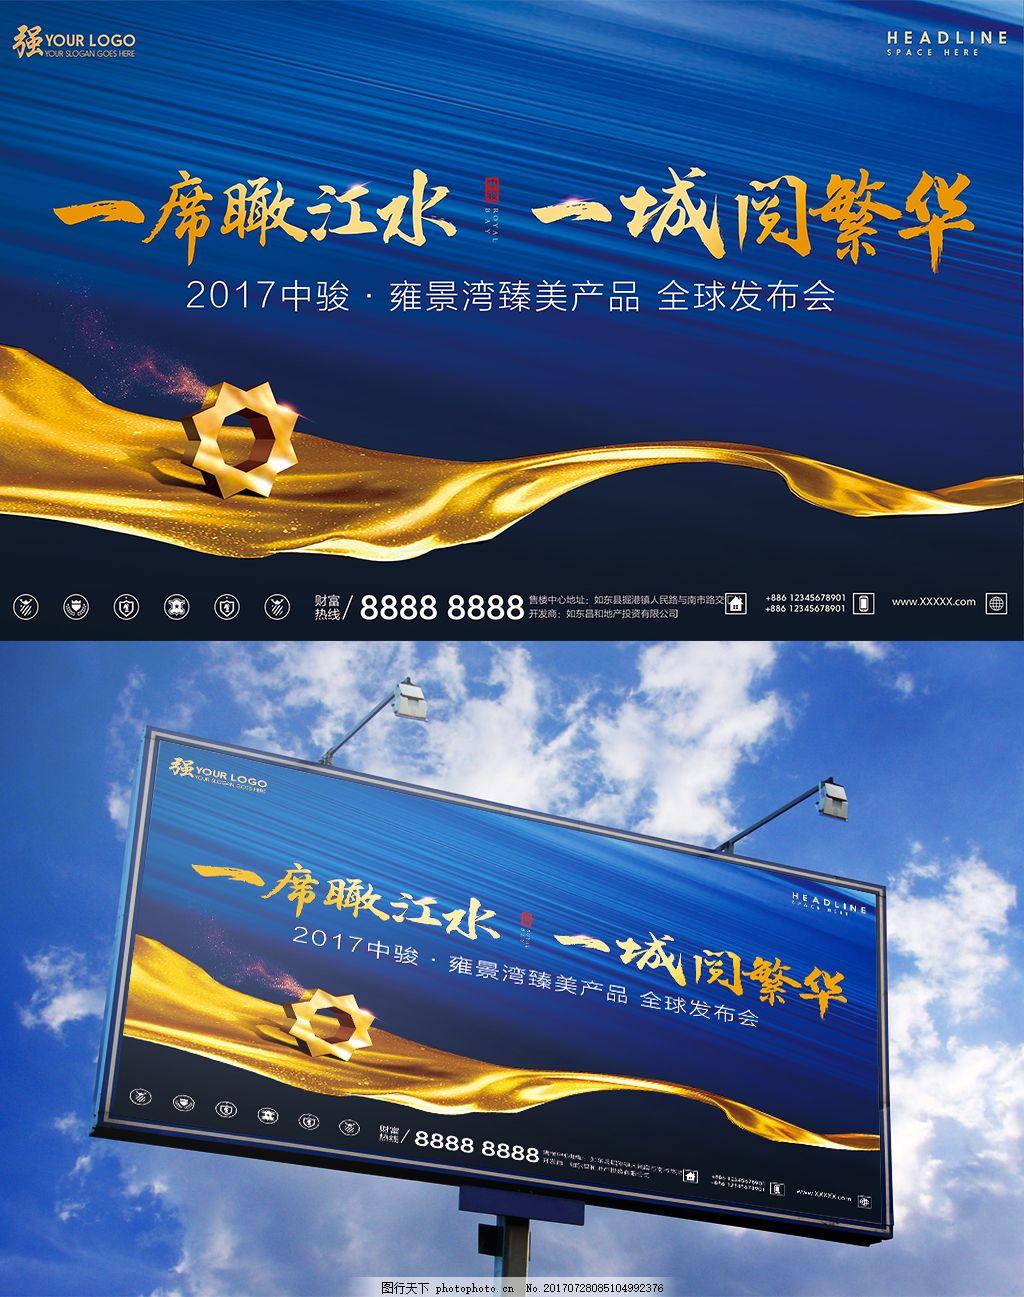 大气蓝色金色房地产招商展板设计 地产开盘 地产促销 一口价 特价房